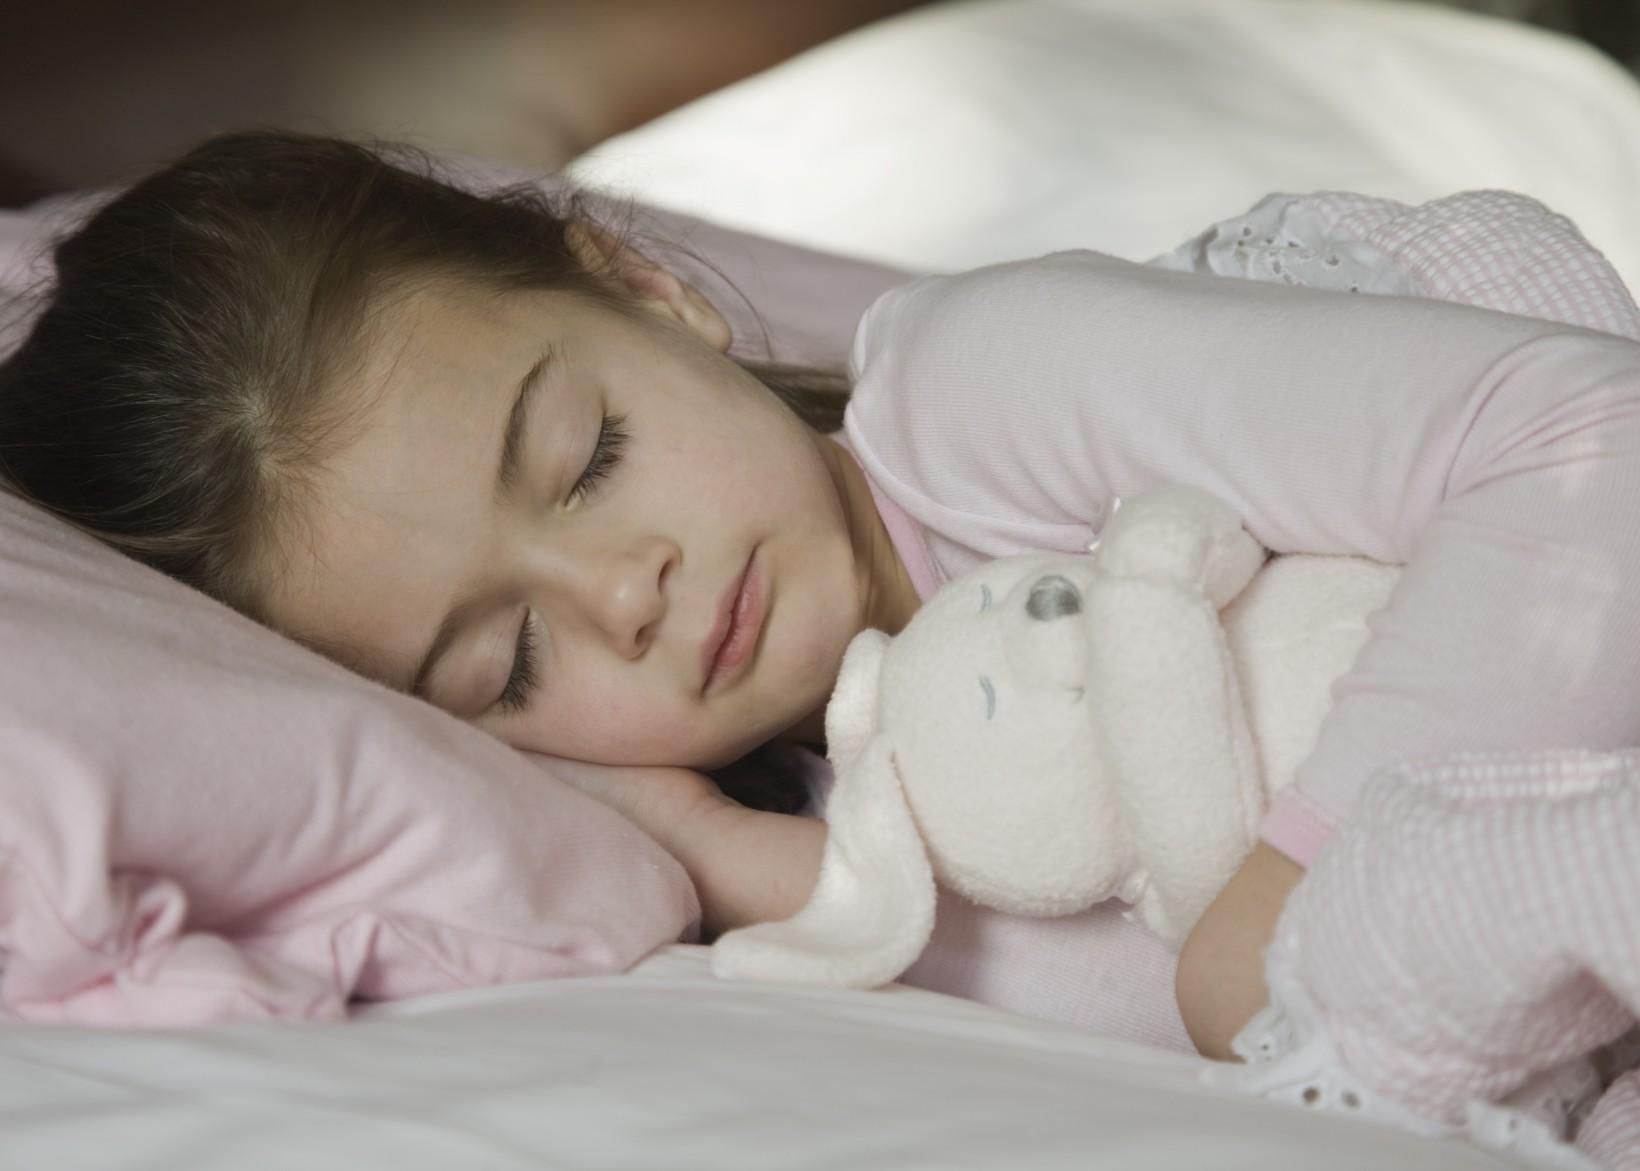 Kids Sleeping At Night